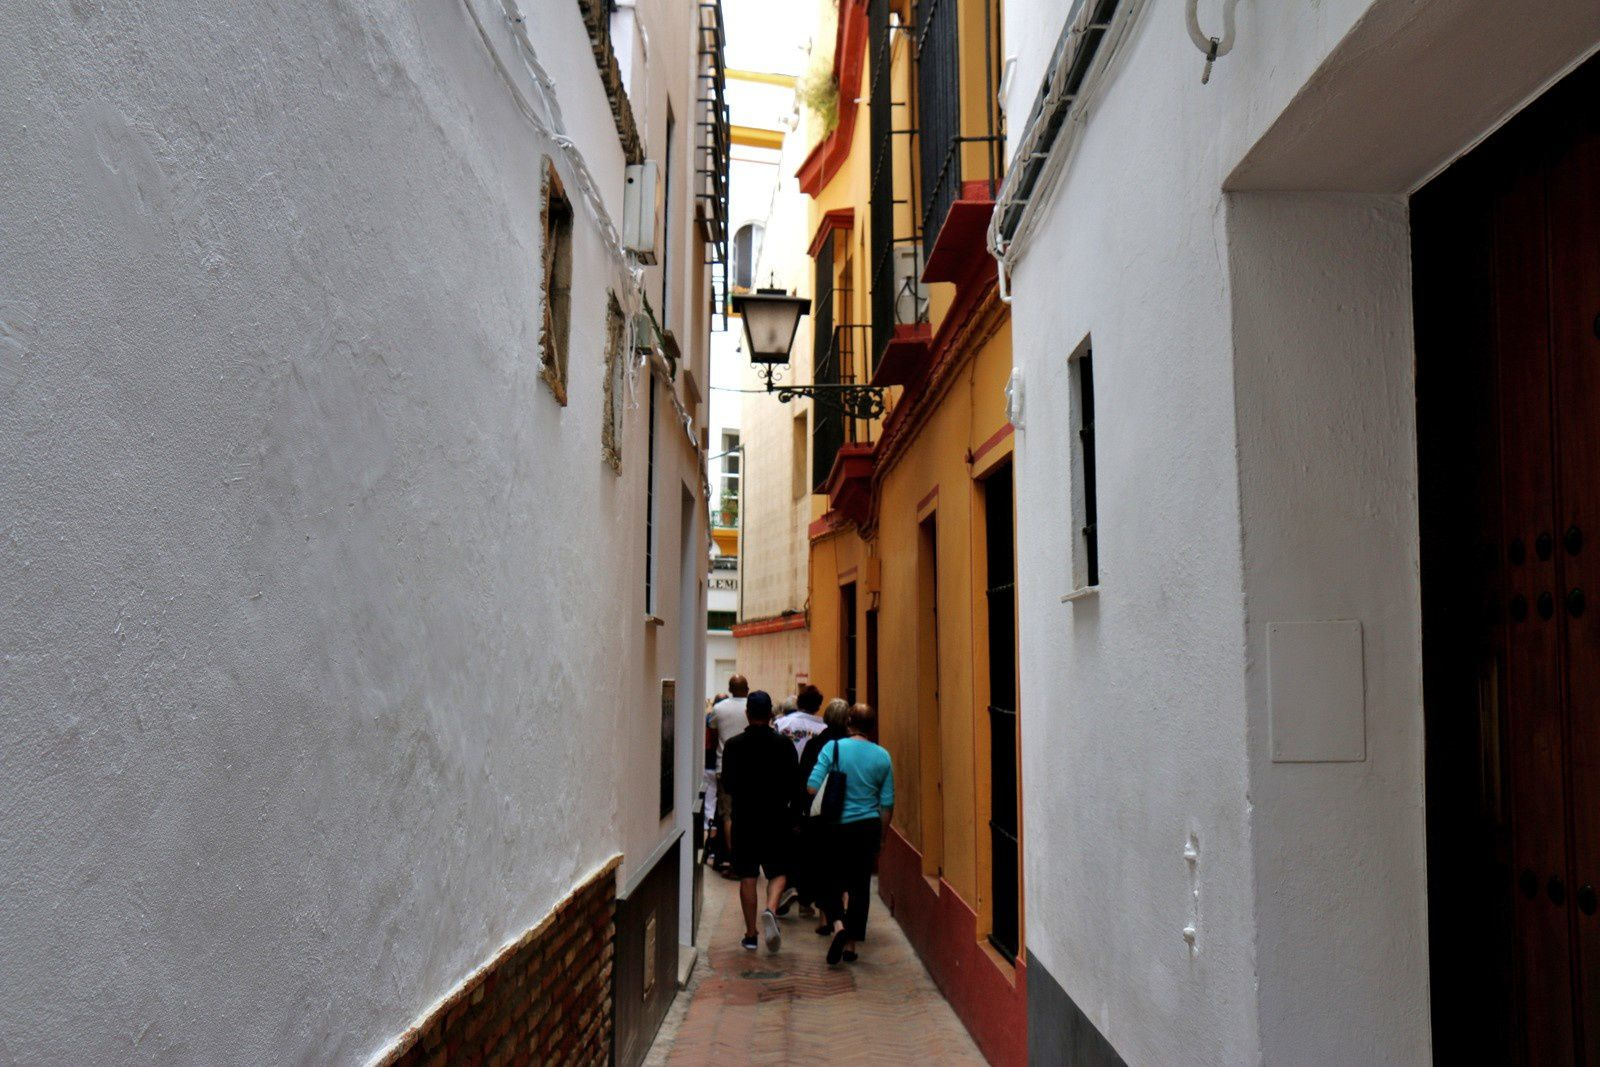 Cours intérieures, Séville